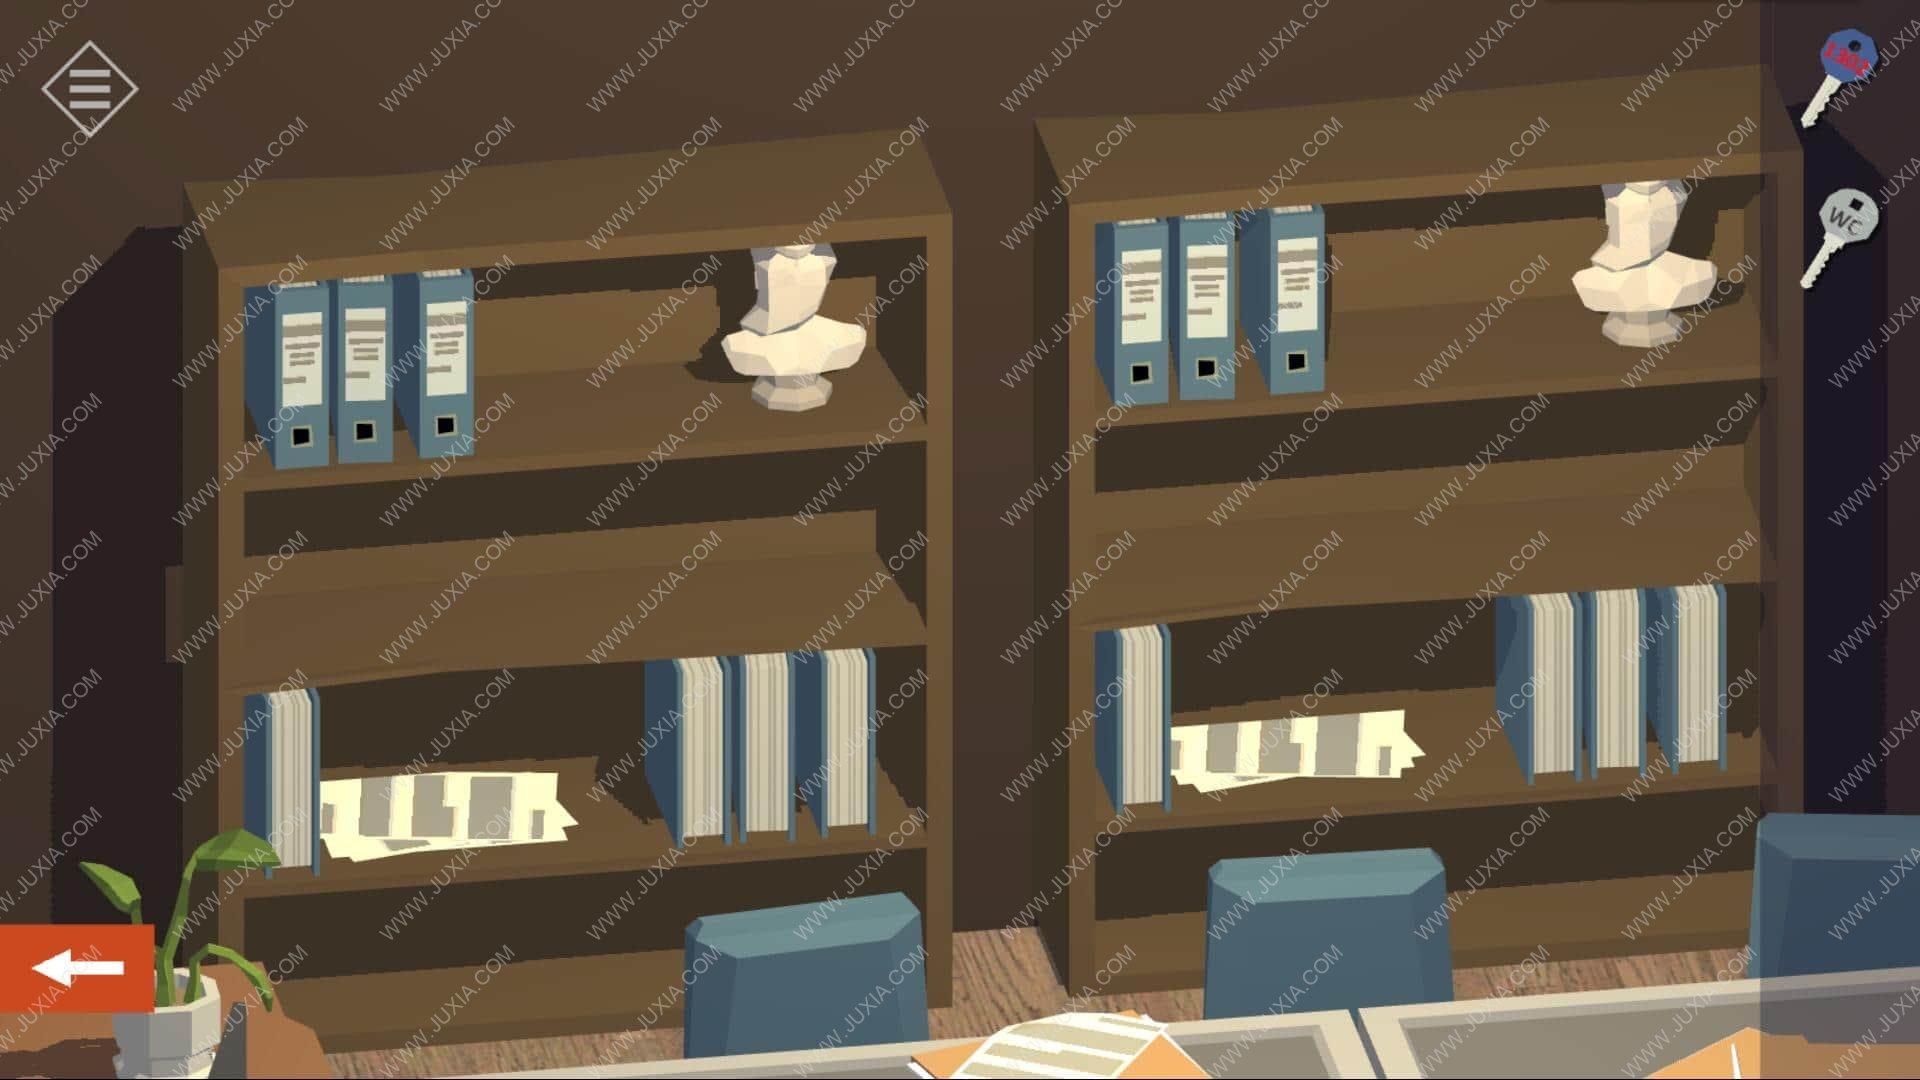 小房间故事攻略第二章 TinyRoomStoriesTownMystery第一季攻略第二章图文